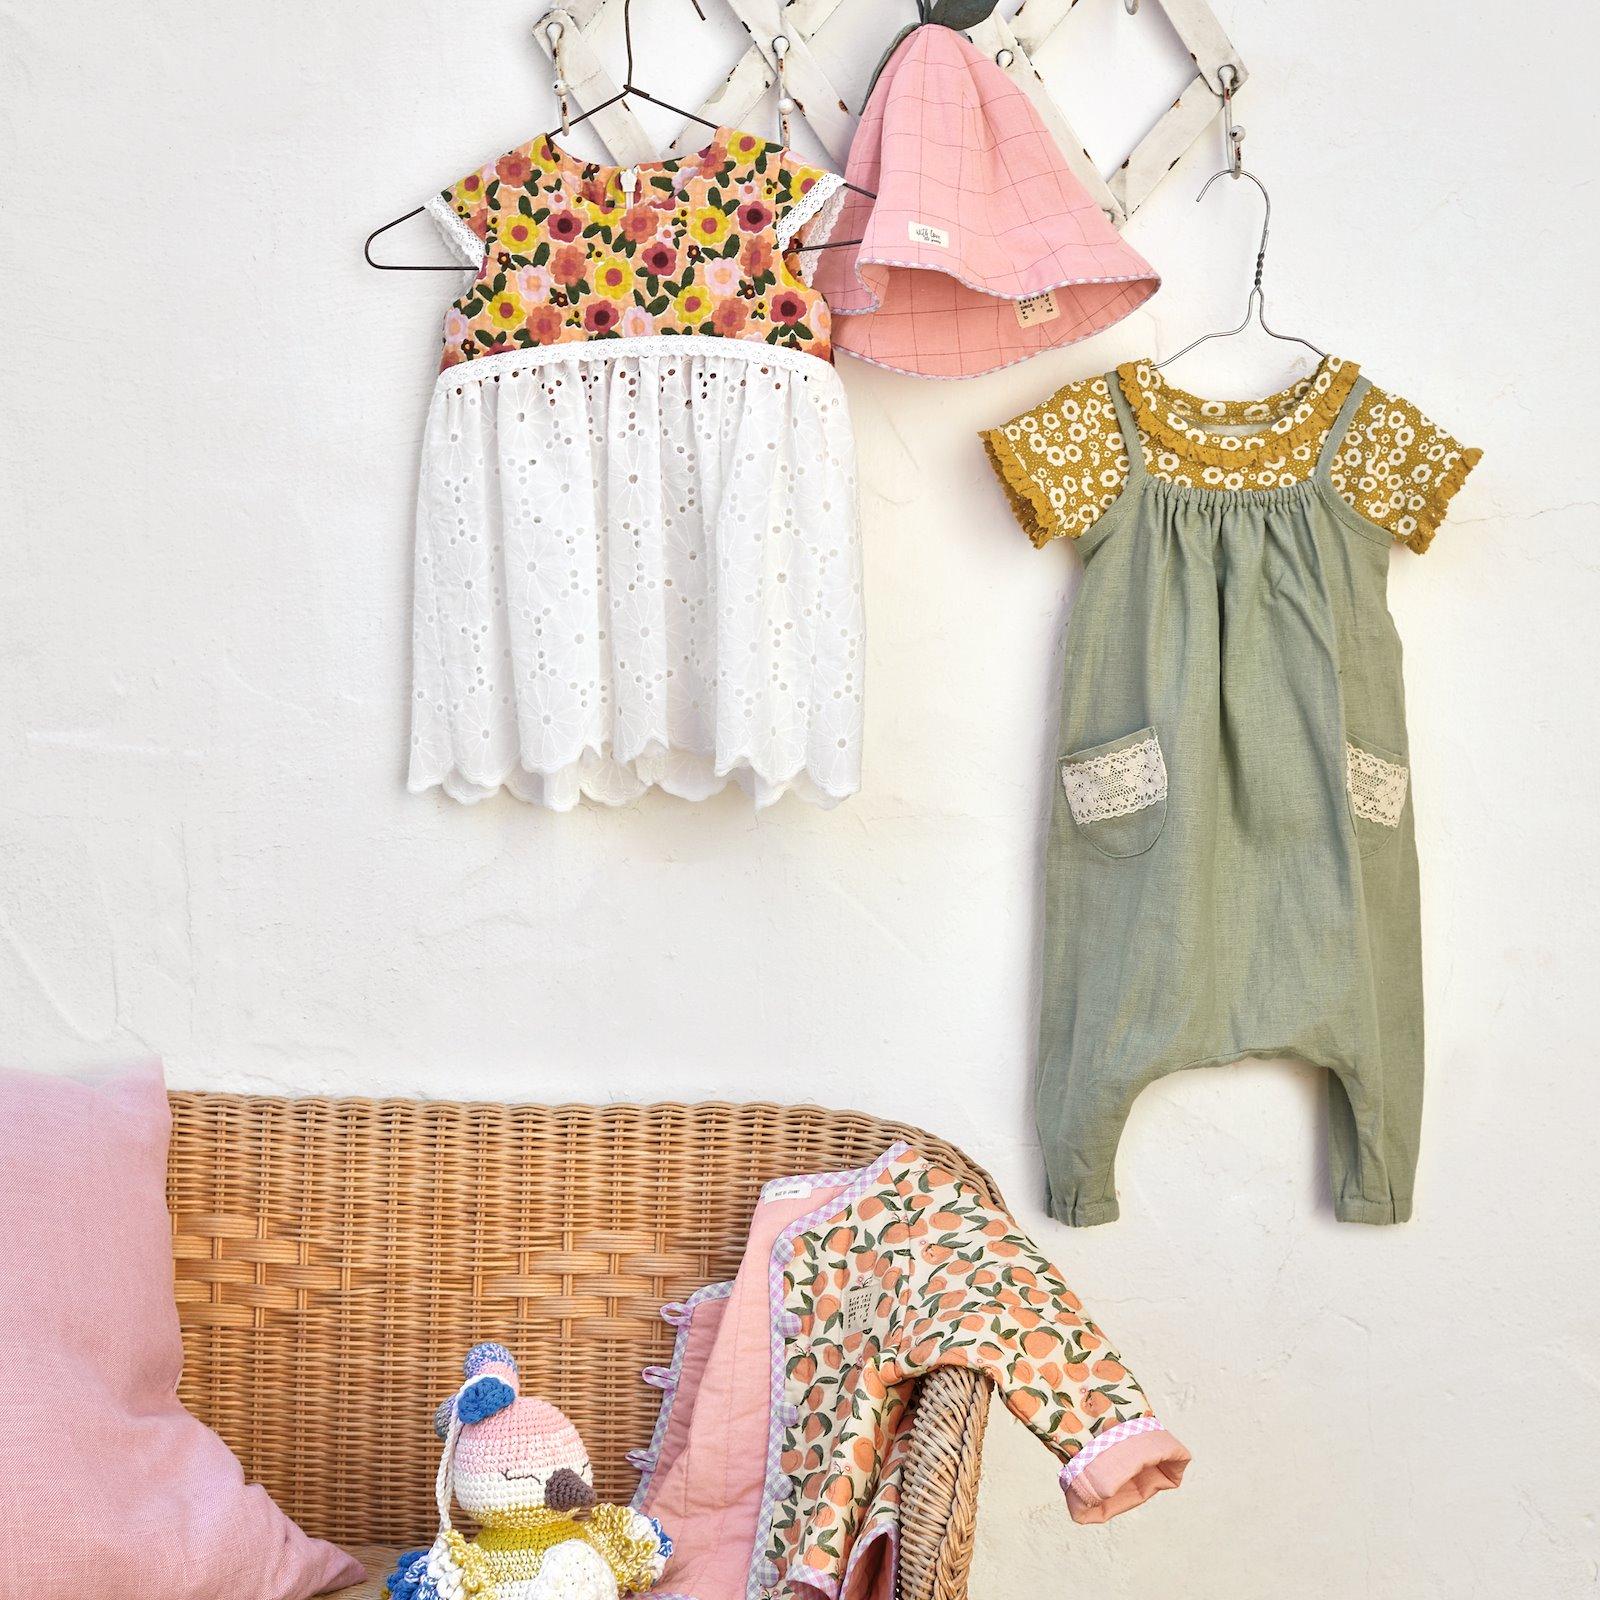 Dress, 86/1,5y p83014_580056_550105_25145_p84501_816231_510928_bundle